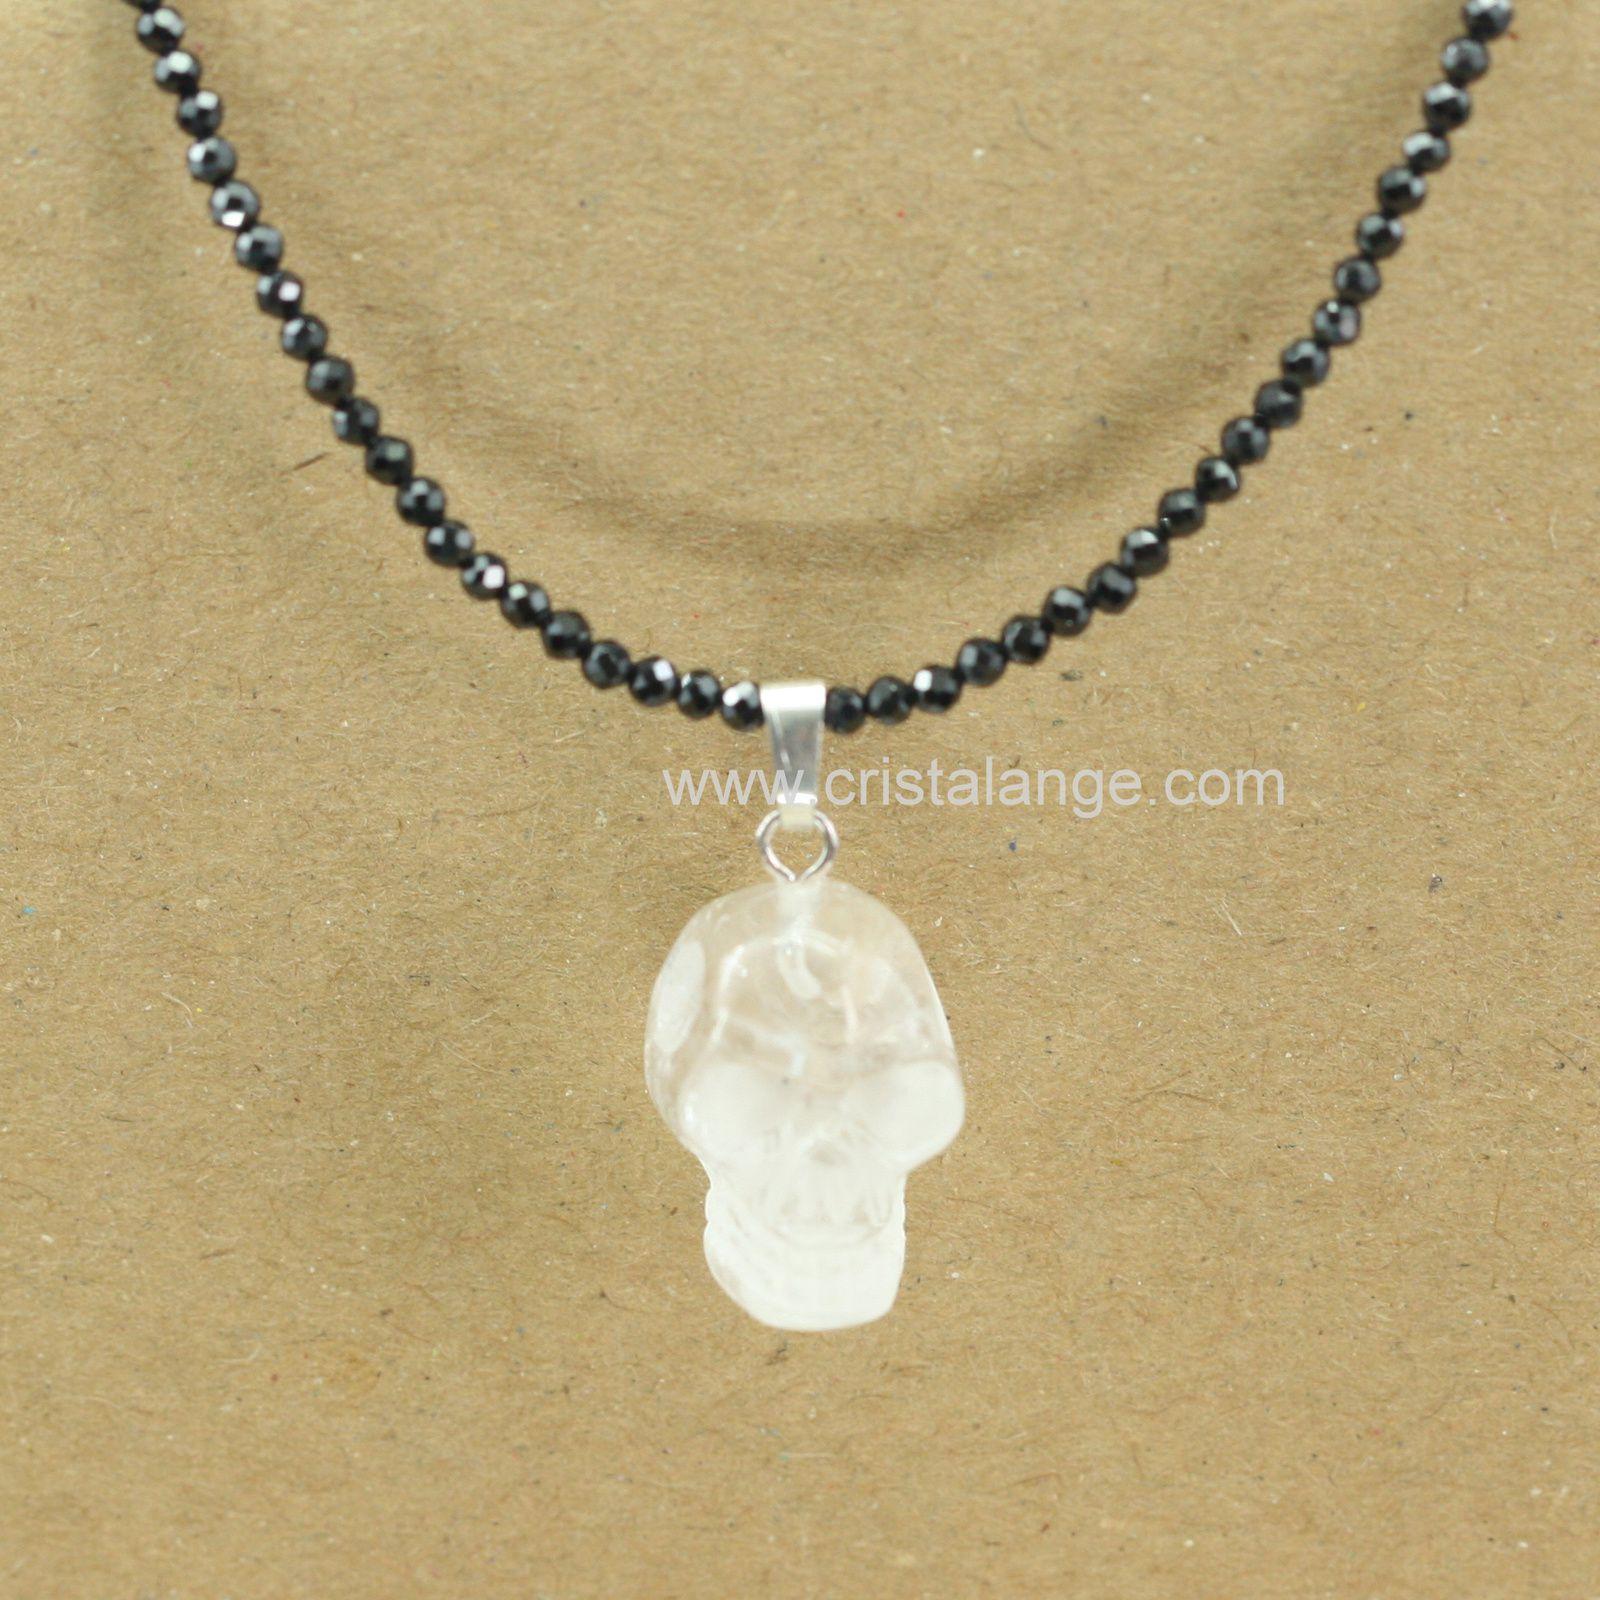 Toute la légende des crânes de cristal dans ce collier en spinelle noire pour allier protection et énergie